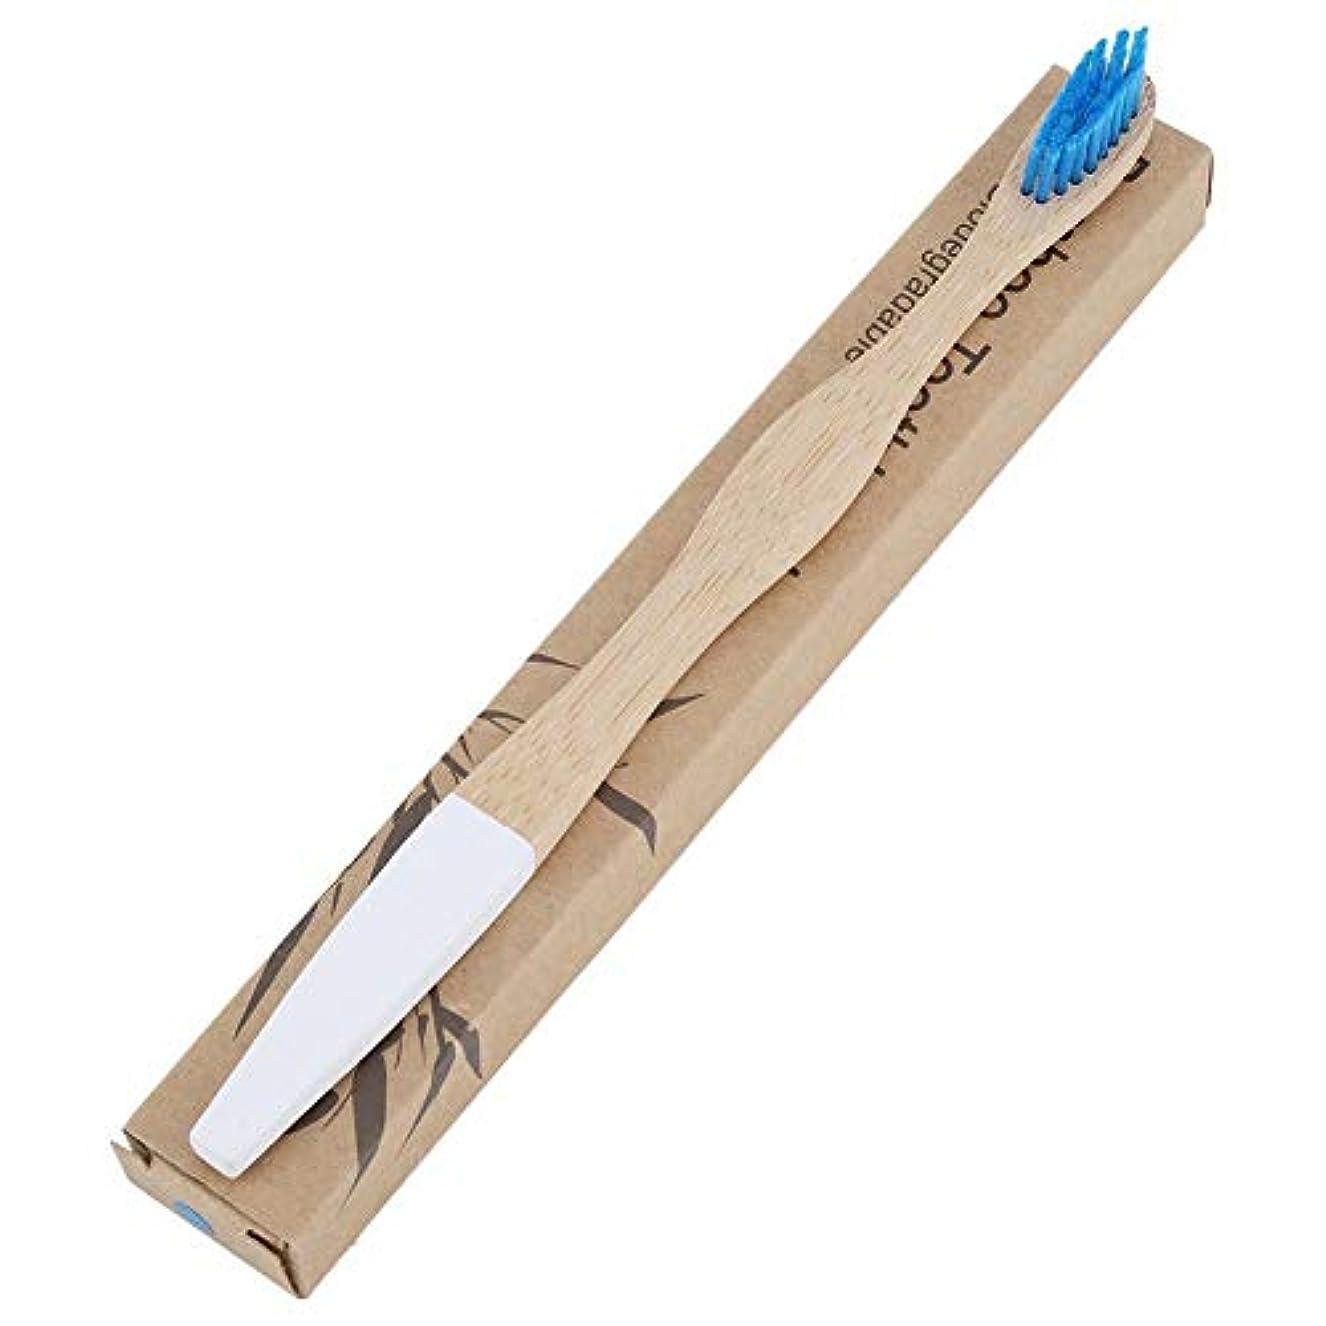 ハード半島並外れて口の健康 贅沢ケア 柔らかい歯ブラシ 歯ブラシ 歯周ケアハブラシ 超極細毛 コンパクトかため 竹ハンドル ブラシ 知覚過敏予防 大人用ハブラシ 2本 色は選べません(ブルー)